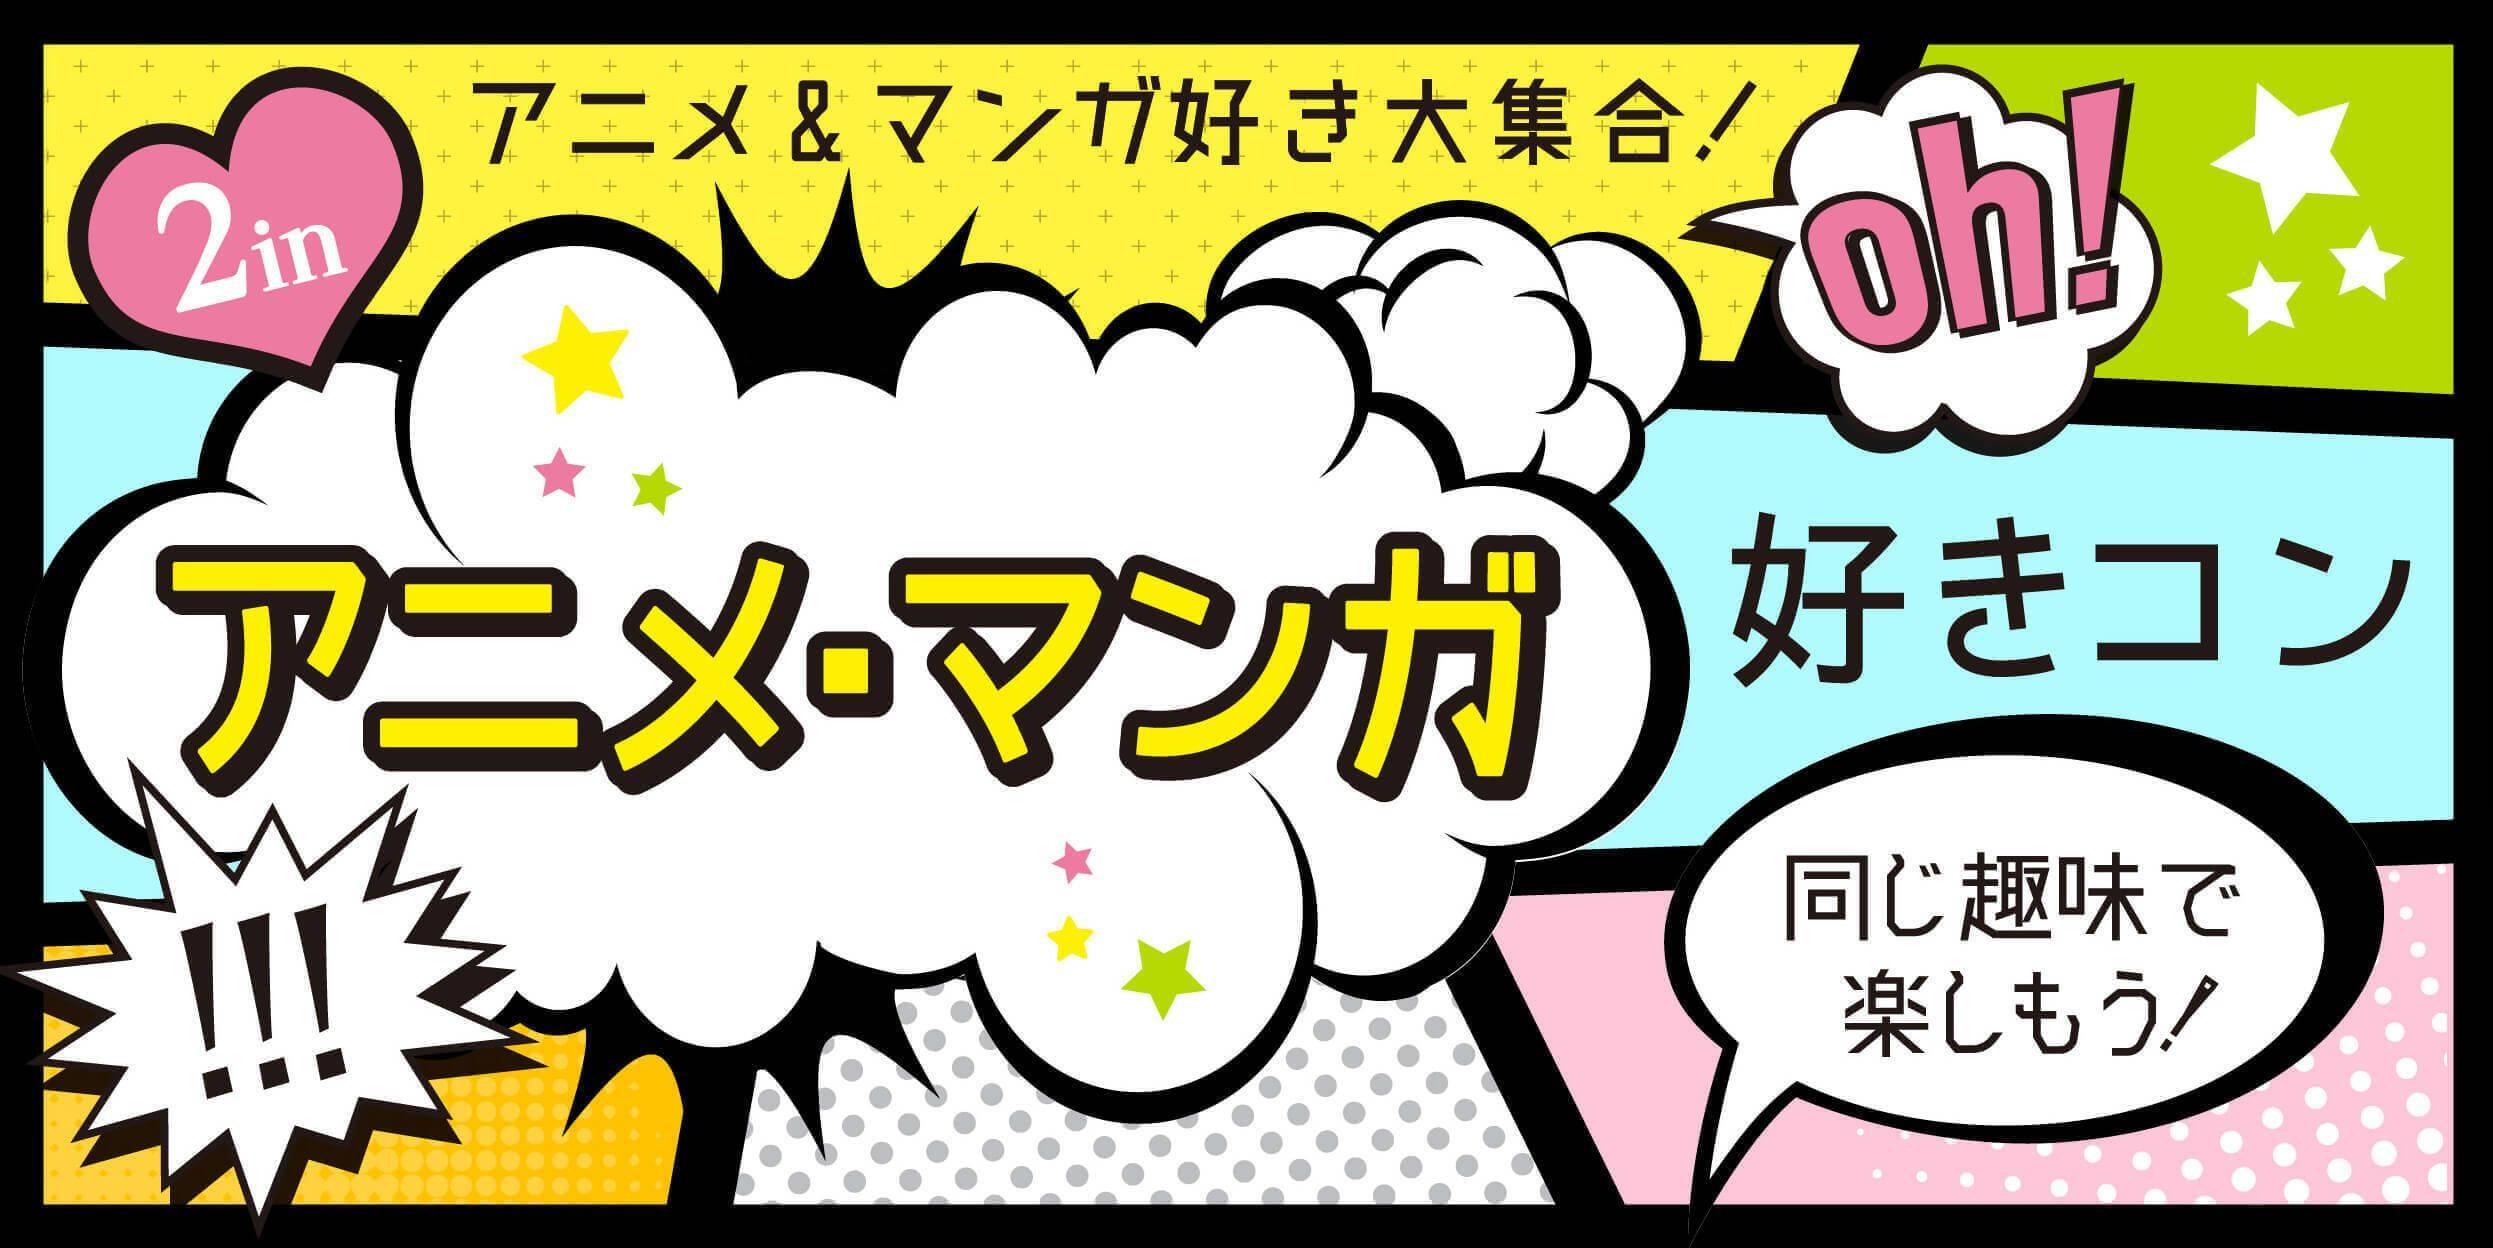 【共通の趣味で盛り上がる★】【共通の趣味で会話が尽きない!】7月8日(土)アニメとマンガ好きコンin広島〜一人参加大歓迎!大好きなものを語り合おう★〜